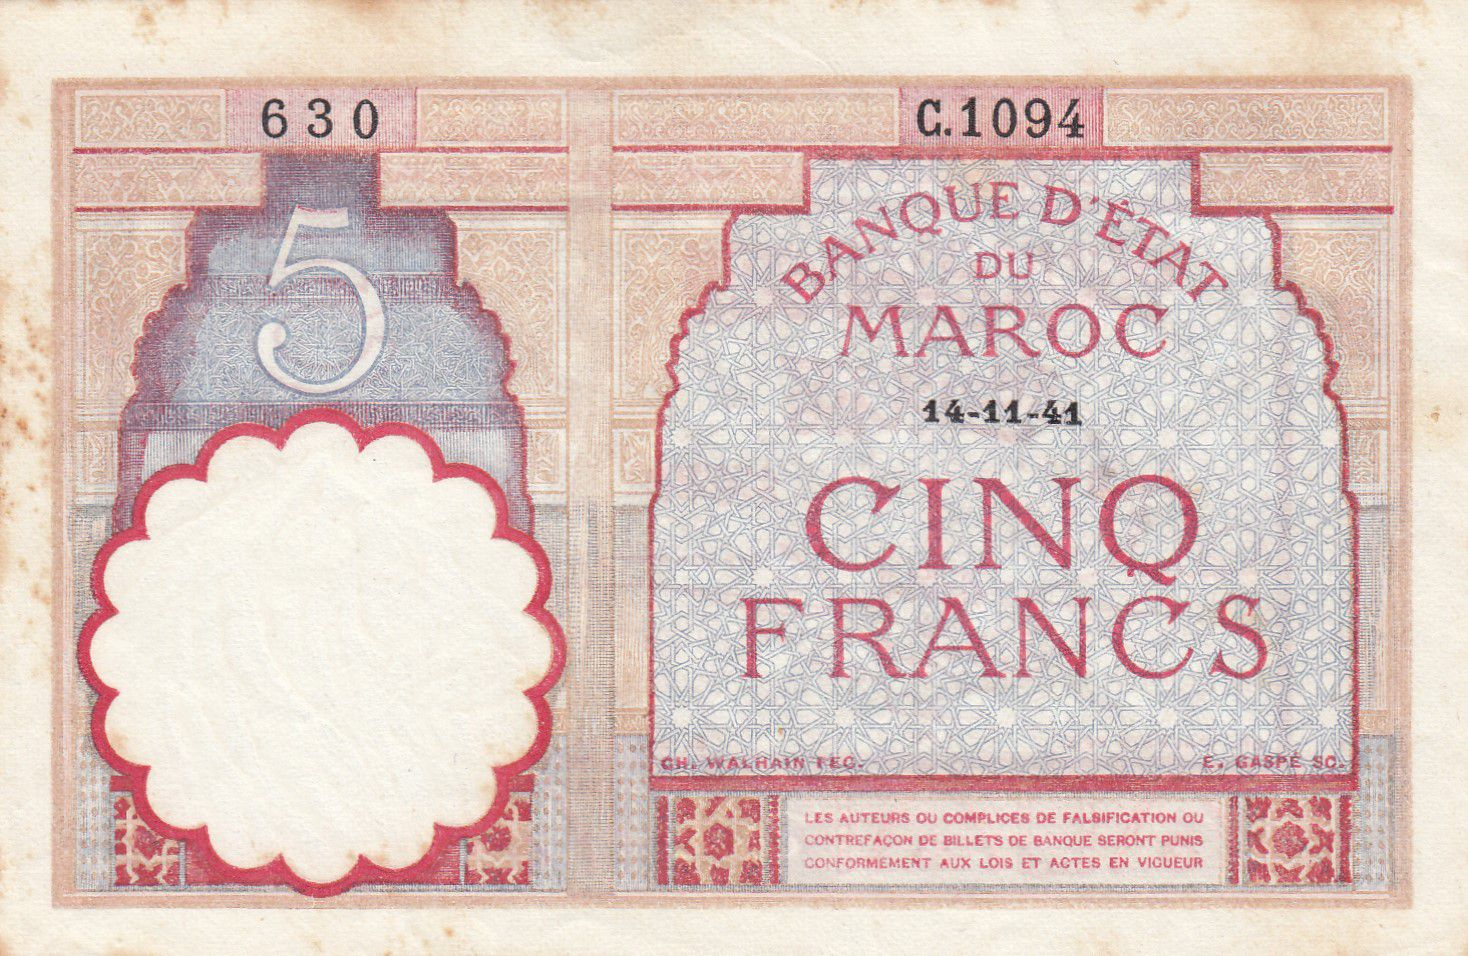 Maroc 5 Francs 14-11-1941 - TTB - Série C.1094 - P.23Ab